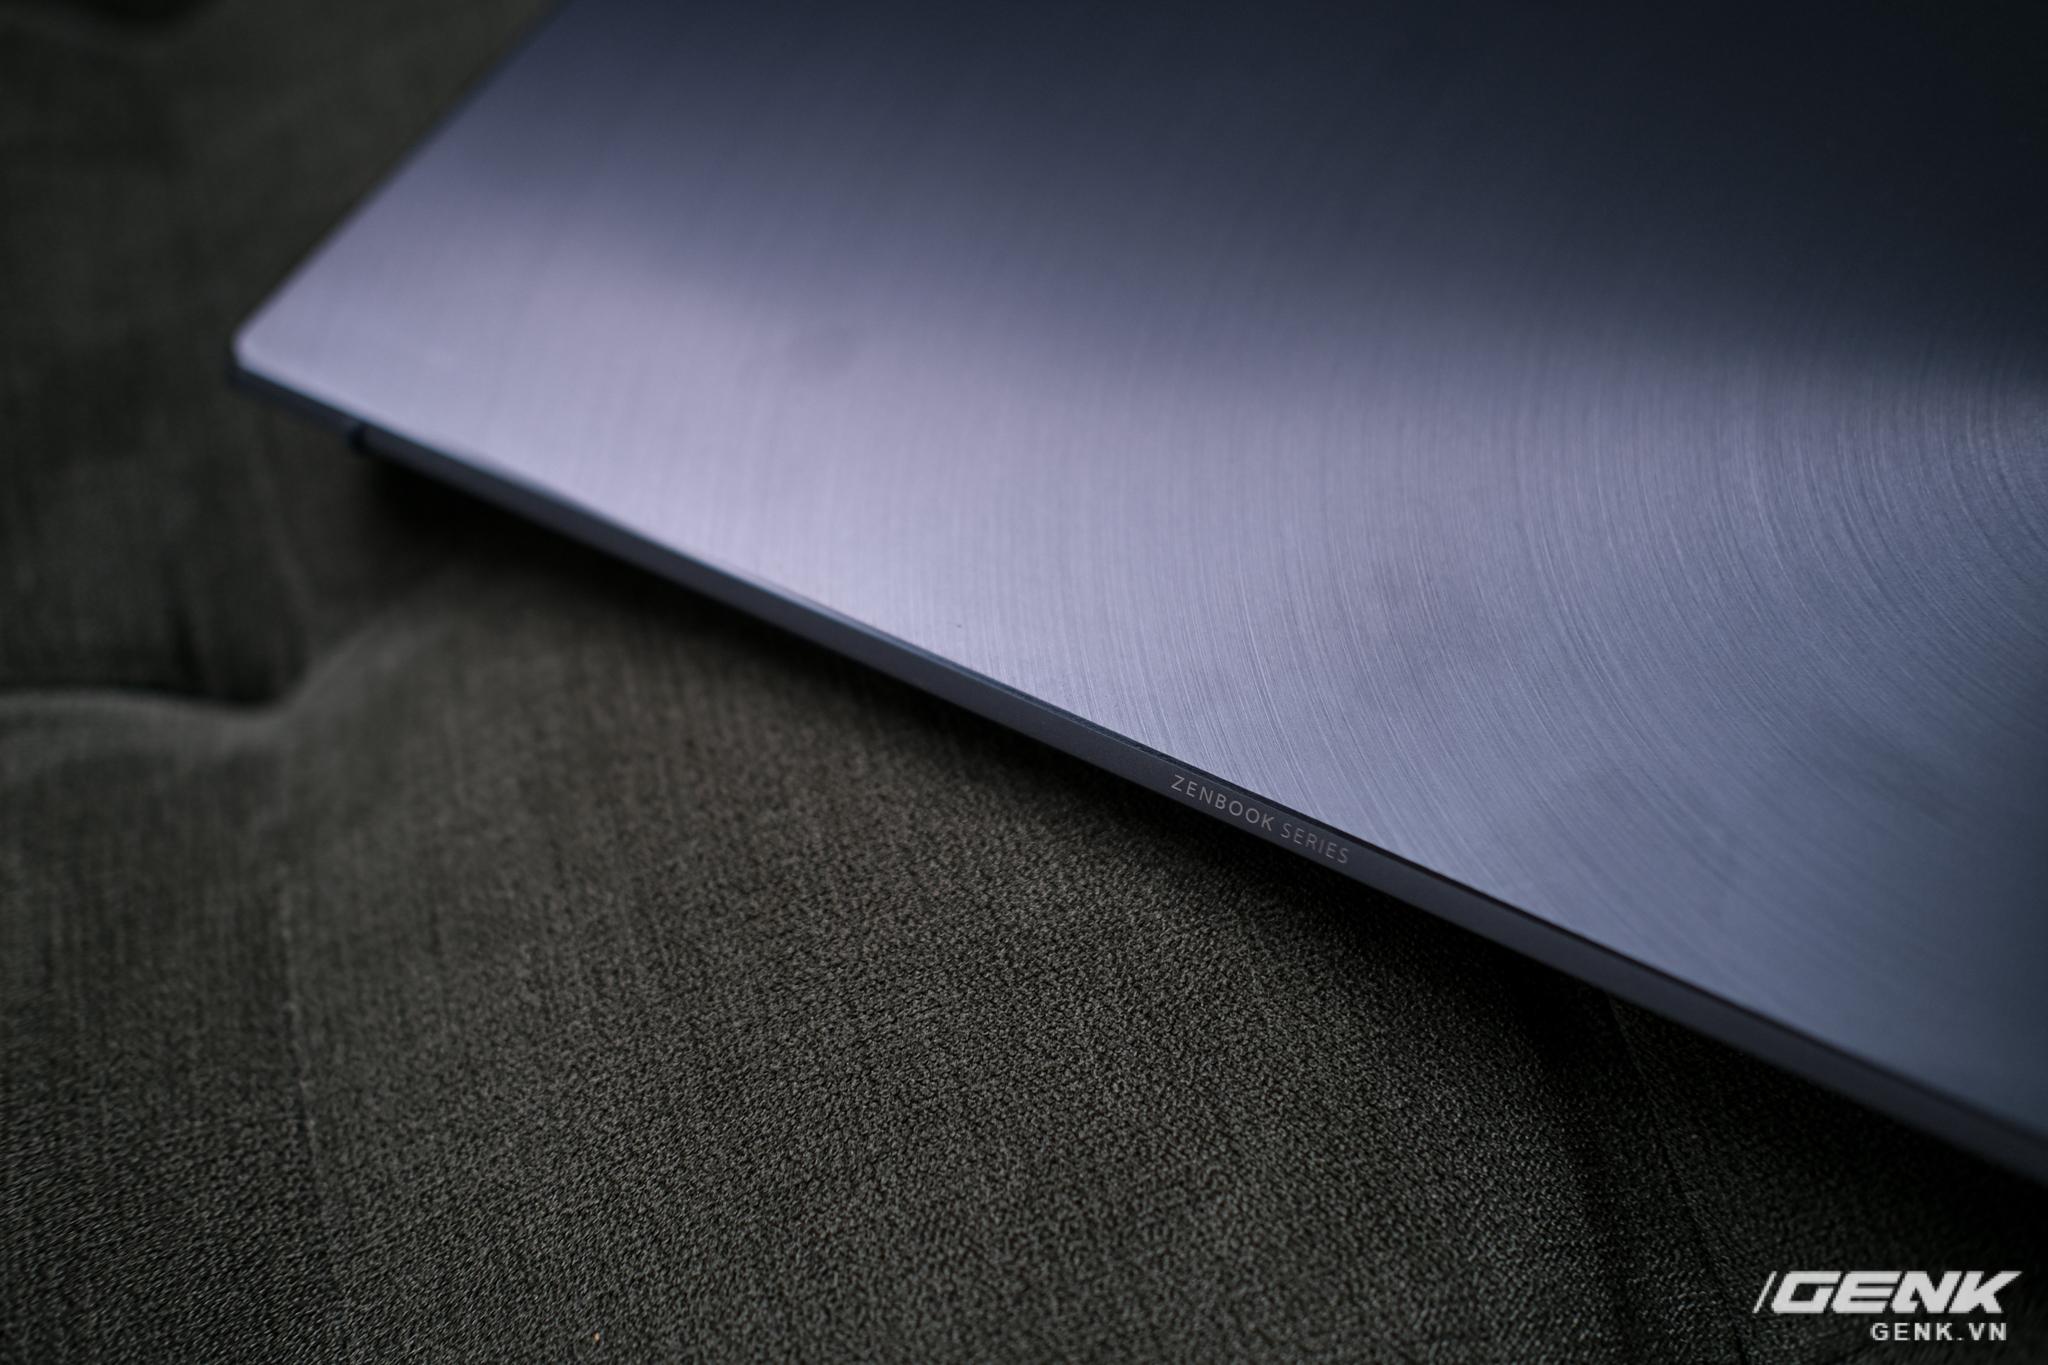 Cận cảnh và trải nghiệm chiếc laptop 14 inch chạy Ryzen Mobile 4000 Series mỏng nhất thế giới đến từ đội ASUS - Ảnh 6.